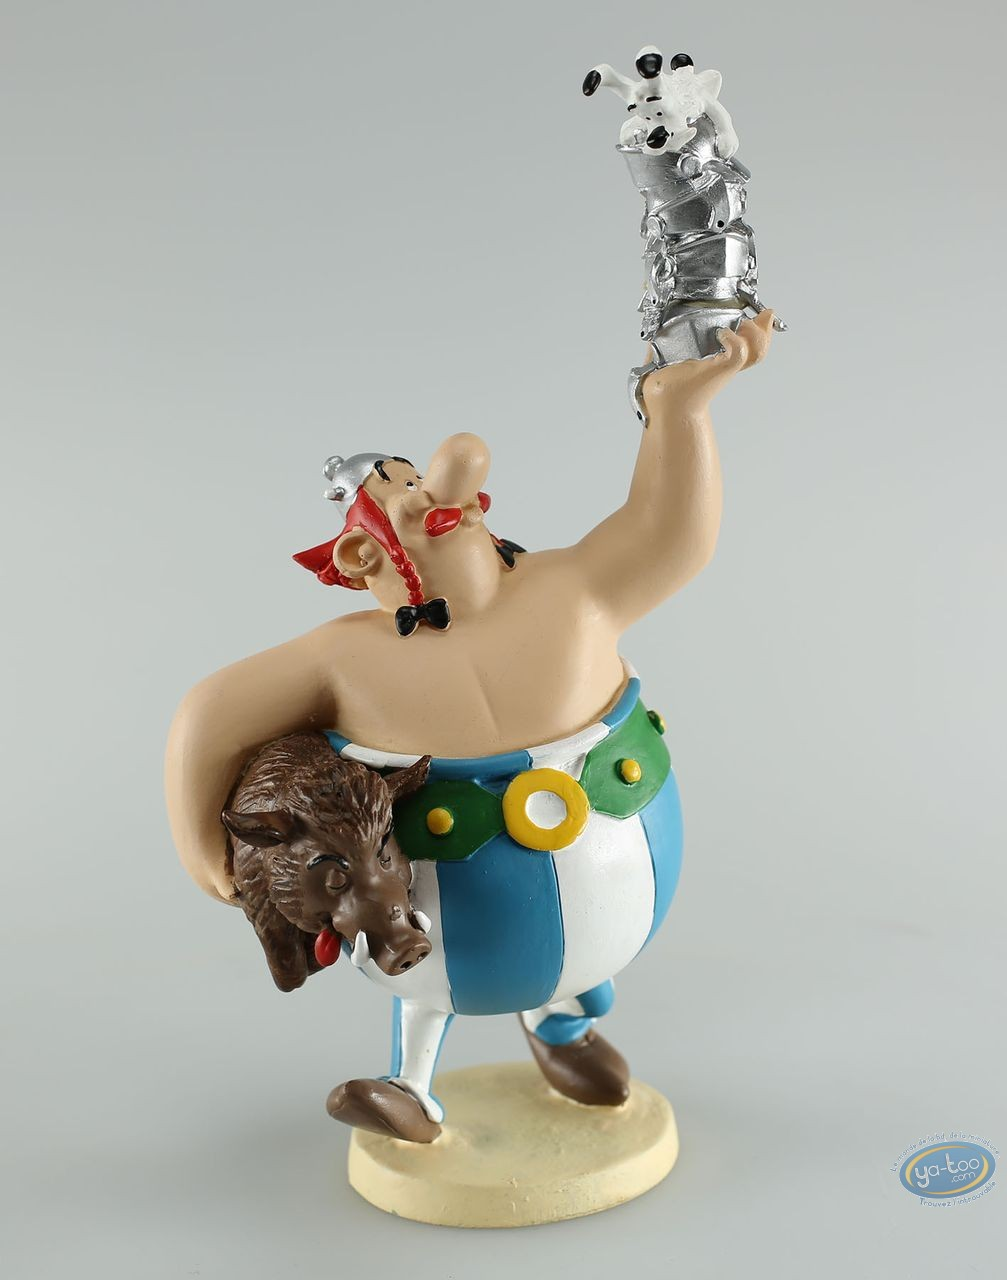 Statuette résine, Astérix : Obélix tenant des casques dans sa main